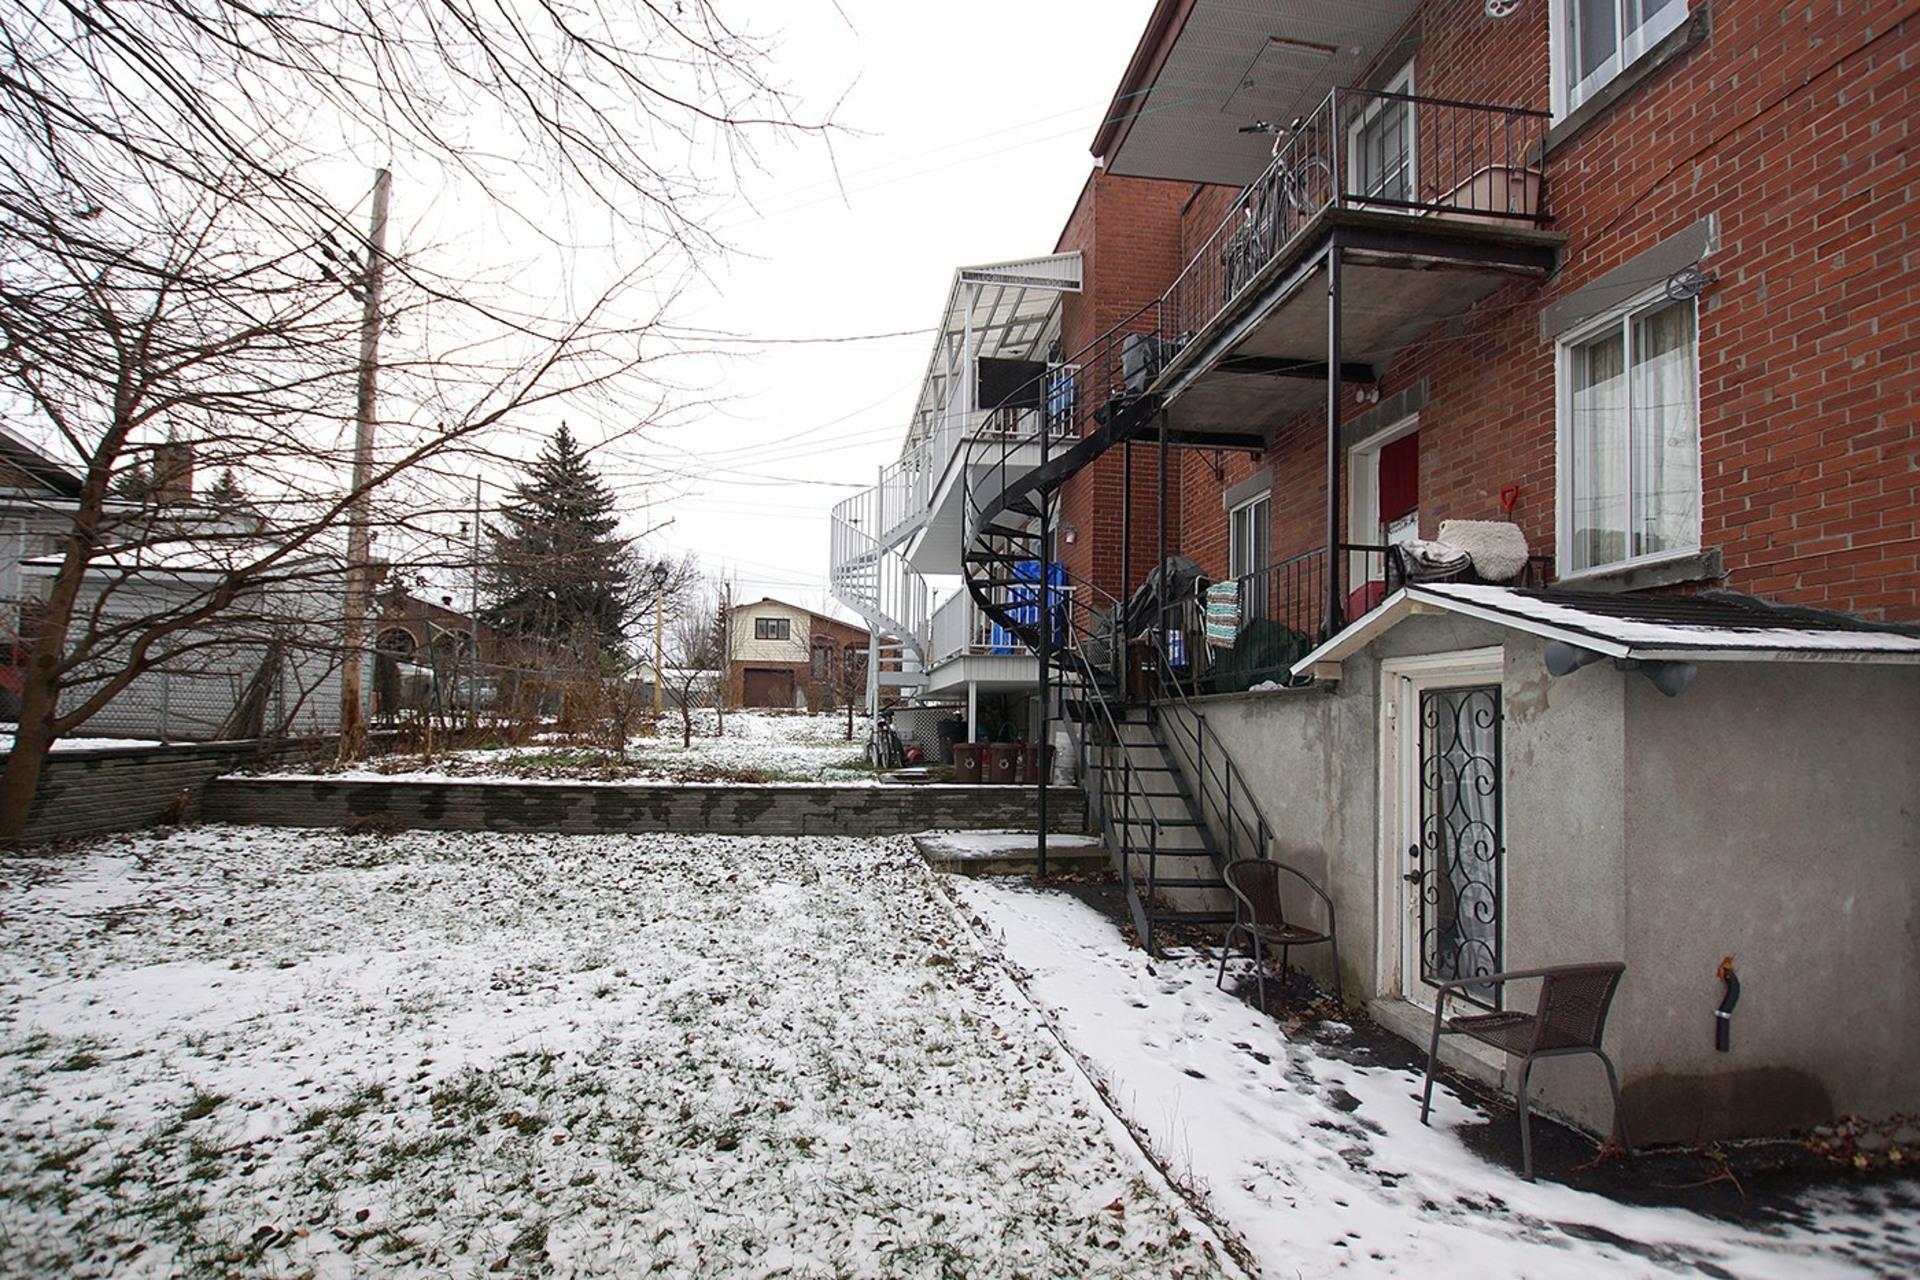 image 44 - Duplex For sale Rivière-des-Prairies/Pointe-aux-Trembles Montréal  - 4 rooms